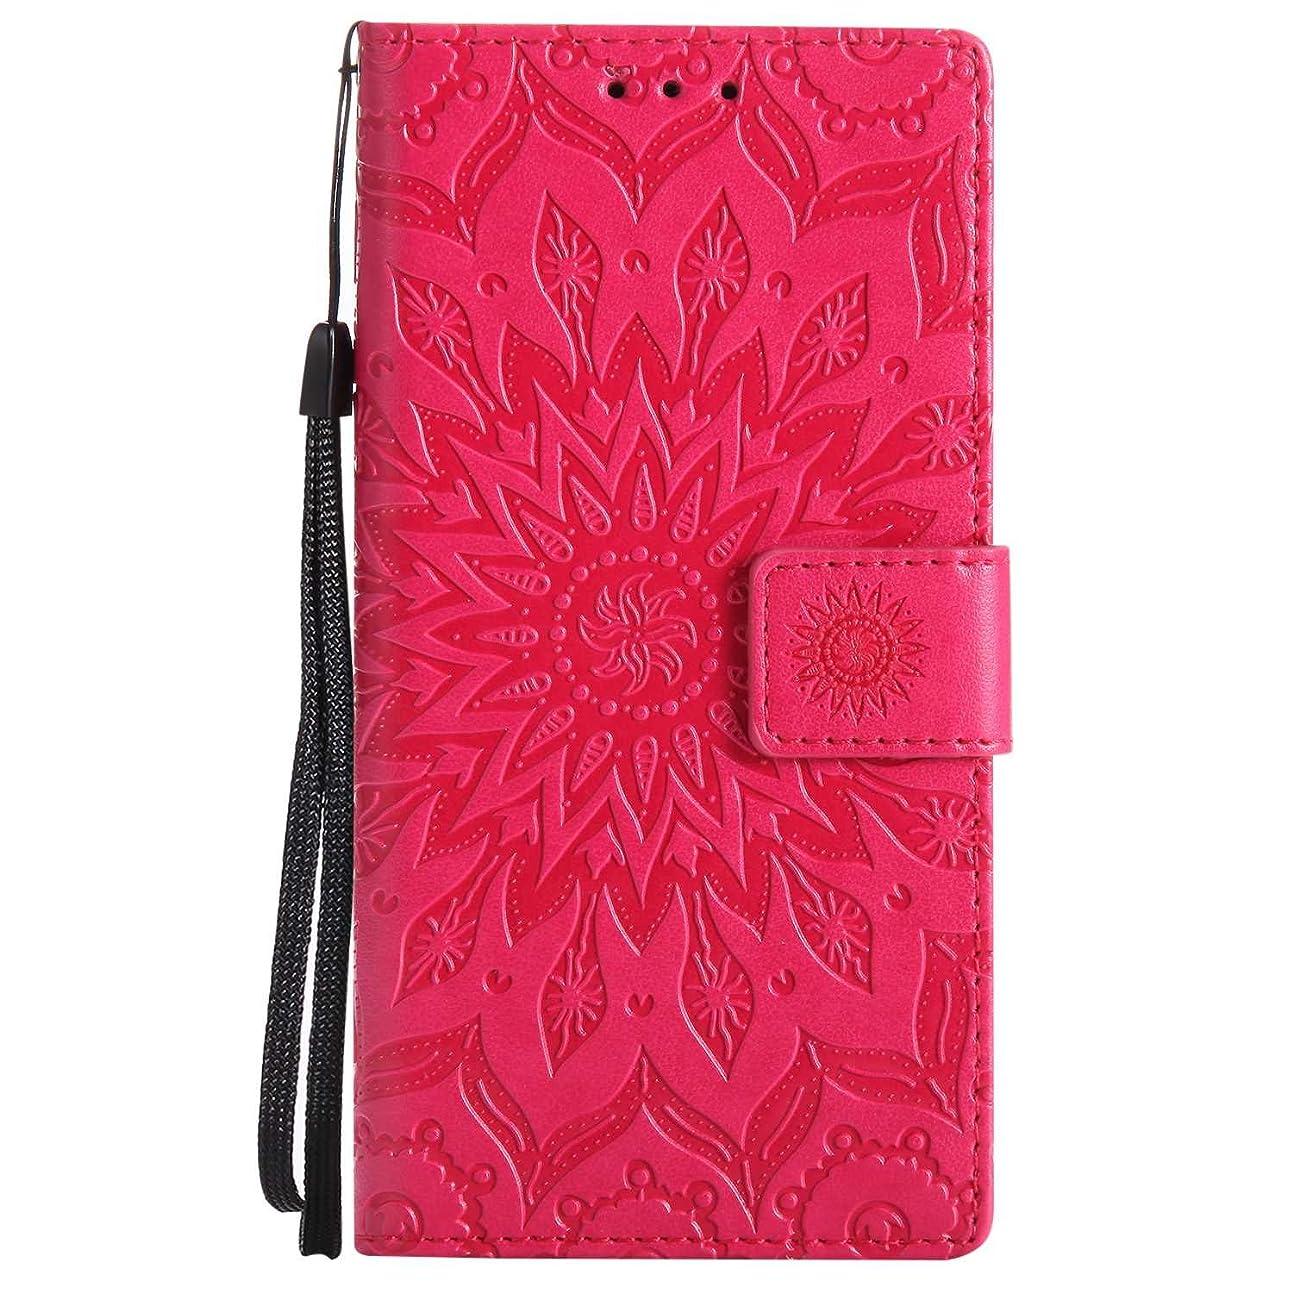 代表する安全性担当者OMATENTI Nokia 3 ケース, 良質PUレザー 財布 フリップ ケース 耐衝撃性 衝撃吸収 液晶保護 ケース電話カバー 付きカードスロット, リストストラップ, 横置きスタンド機能付き, 赤